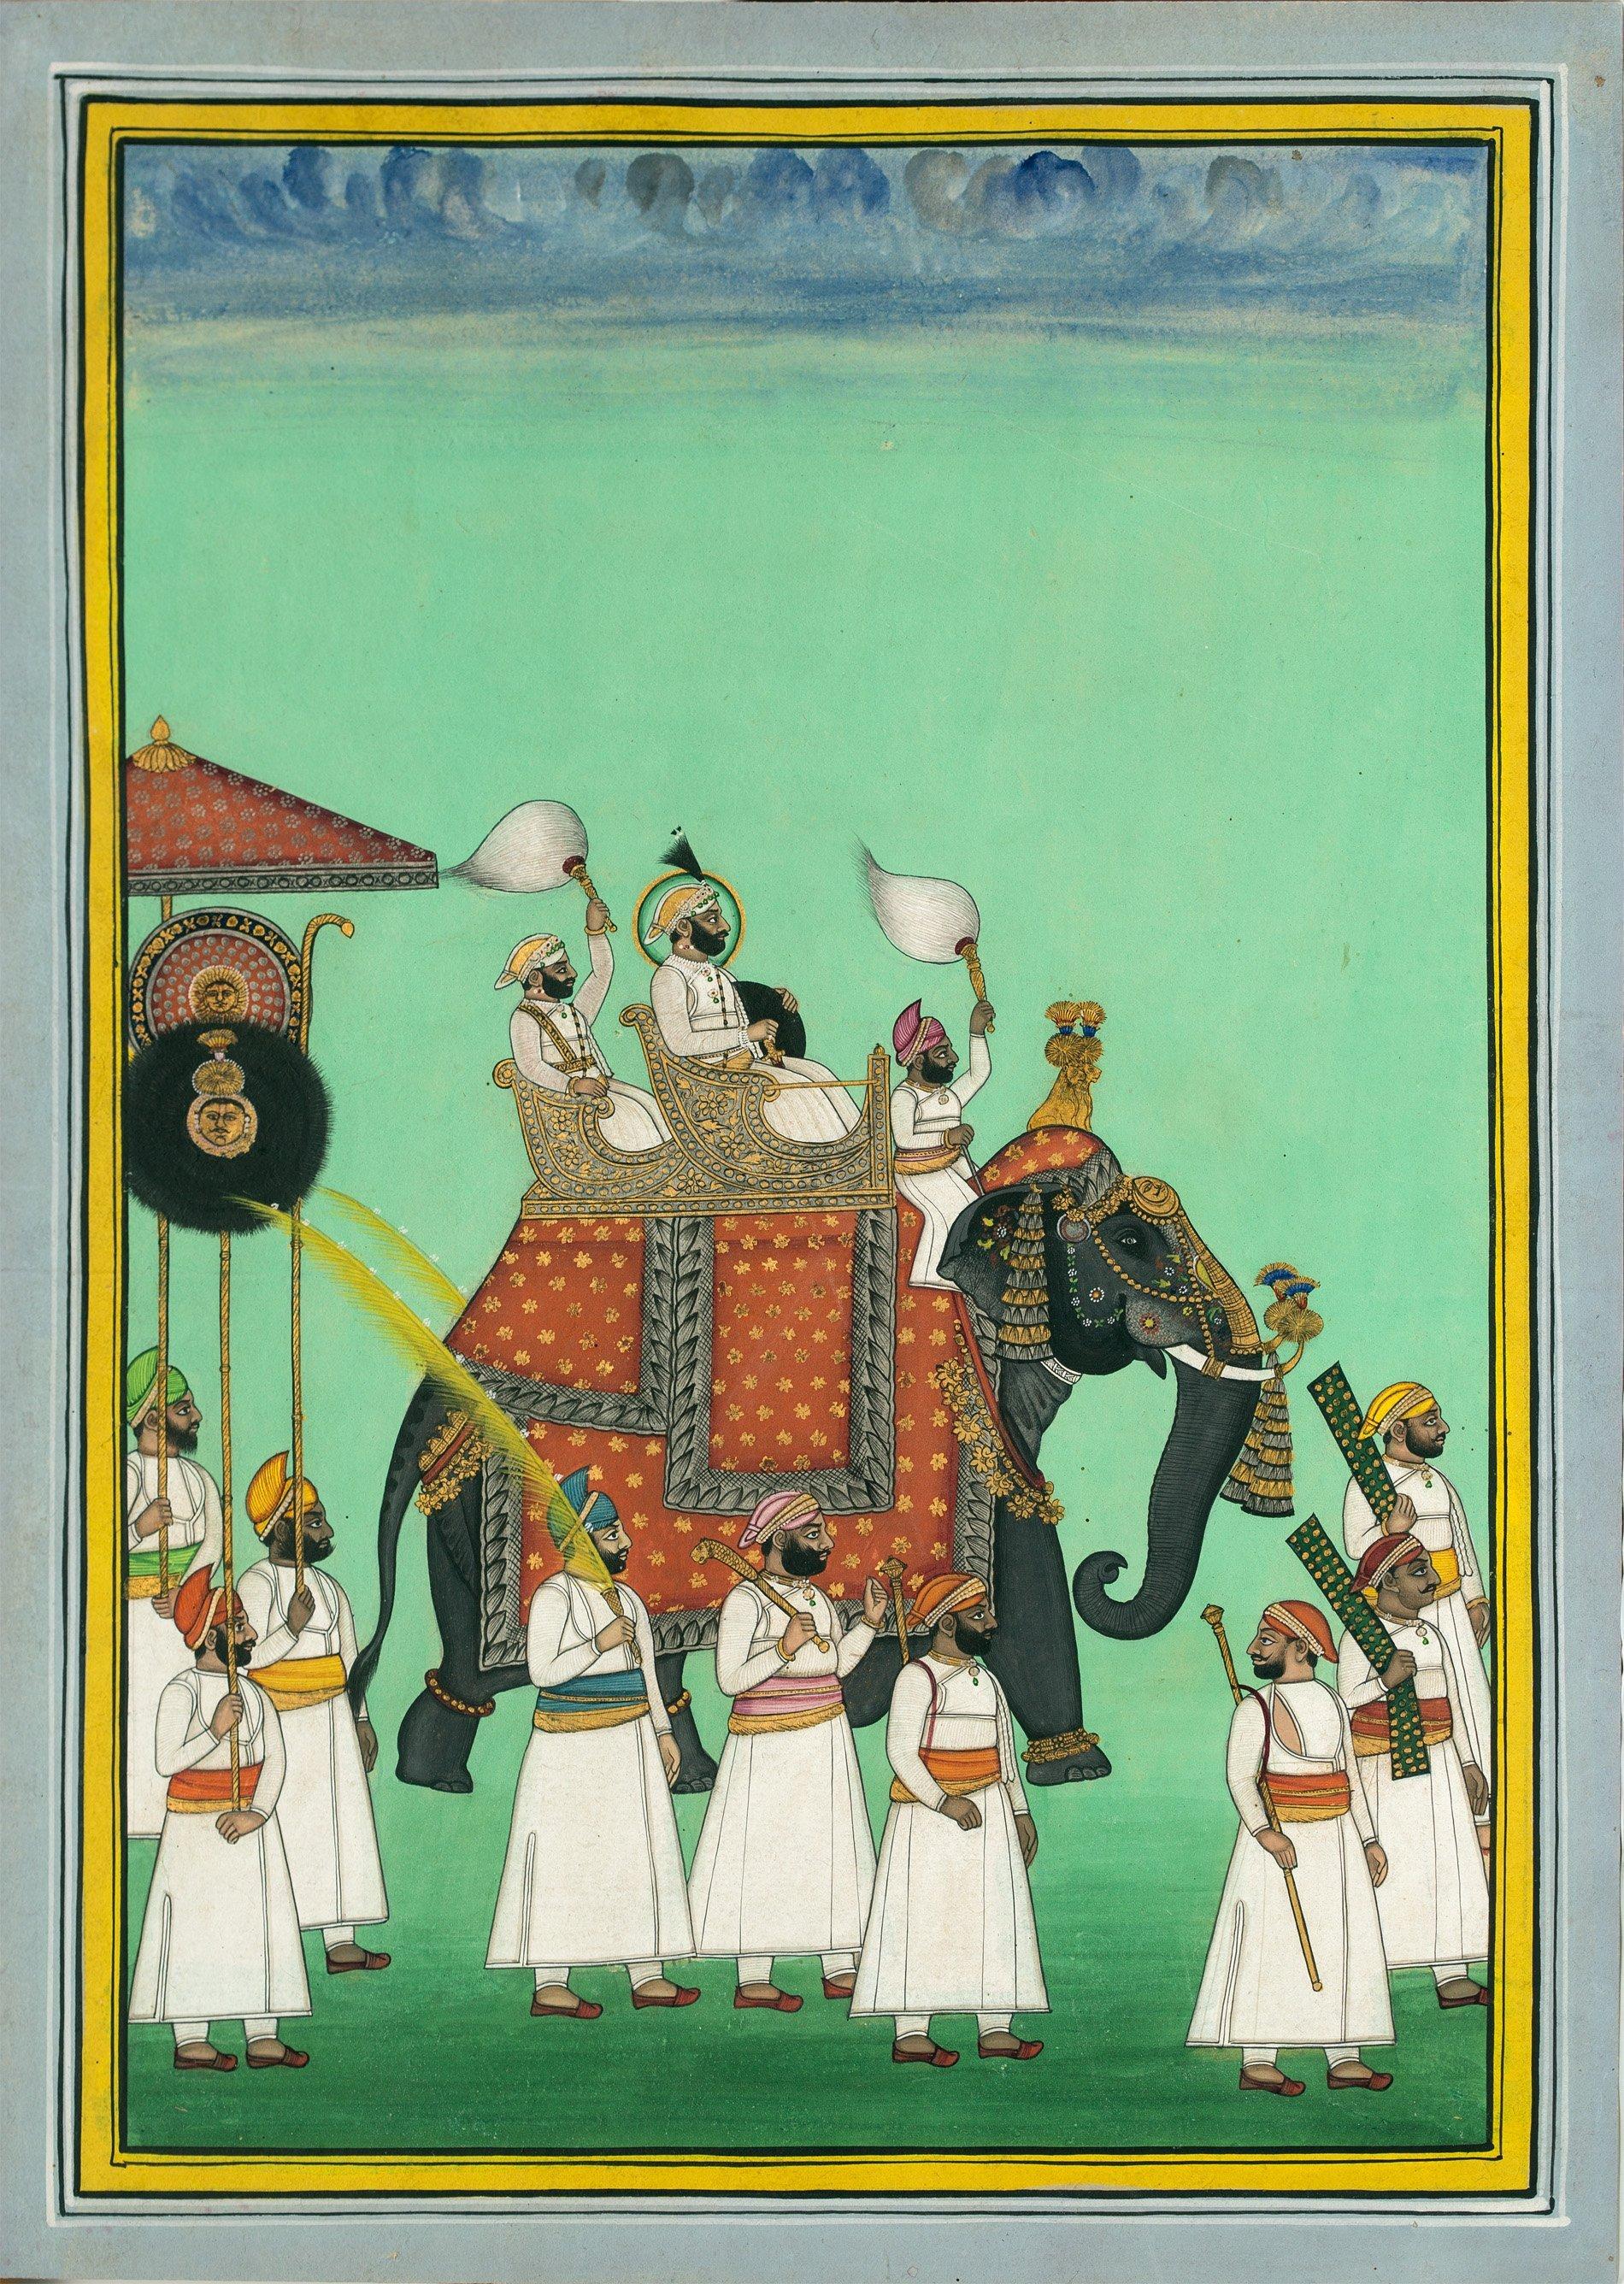 miniature rajasthani painting